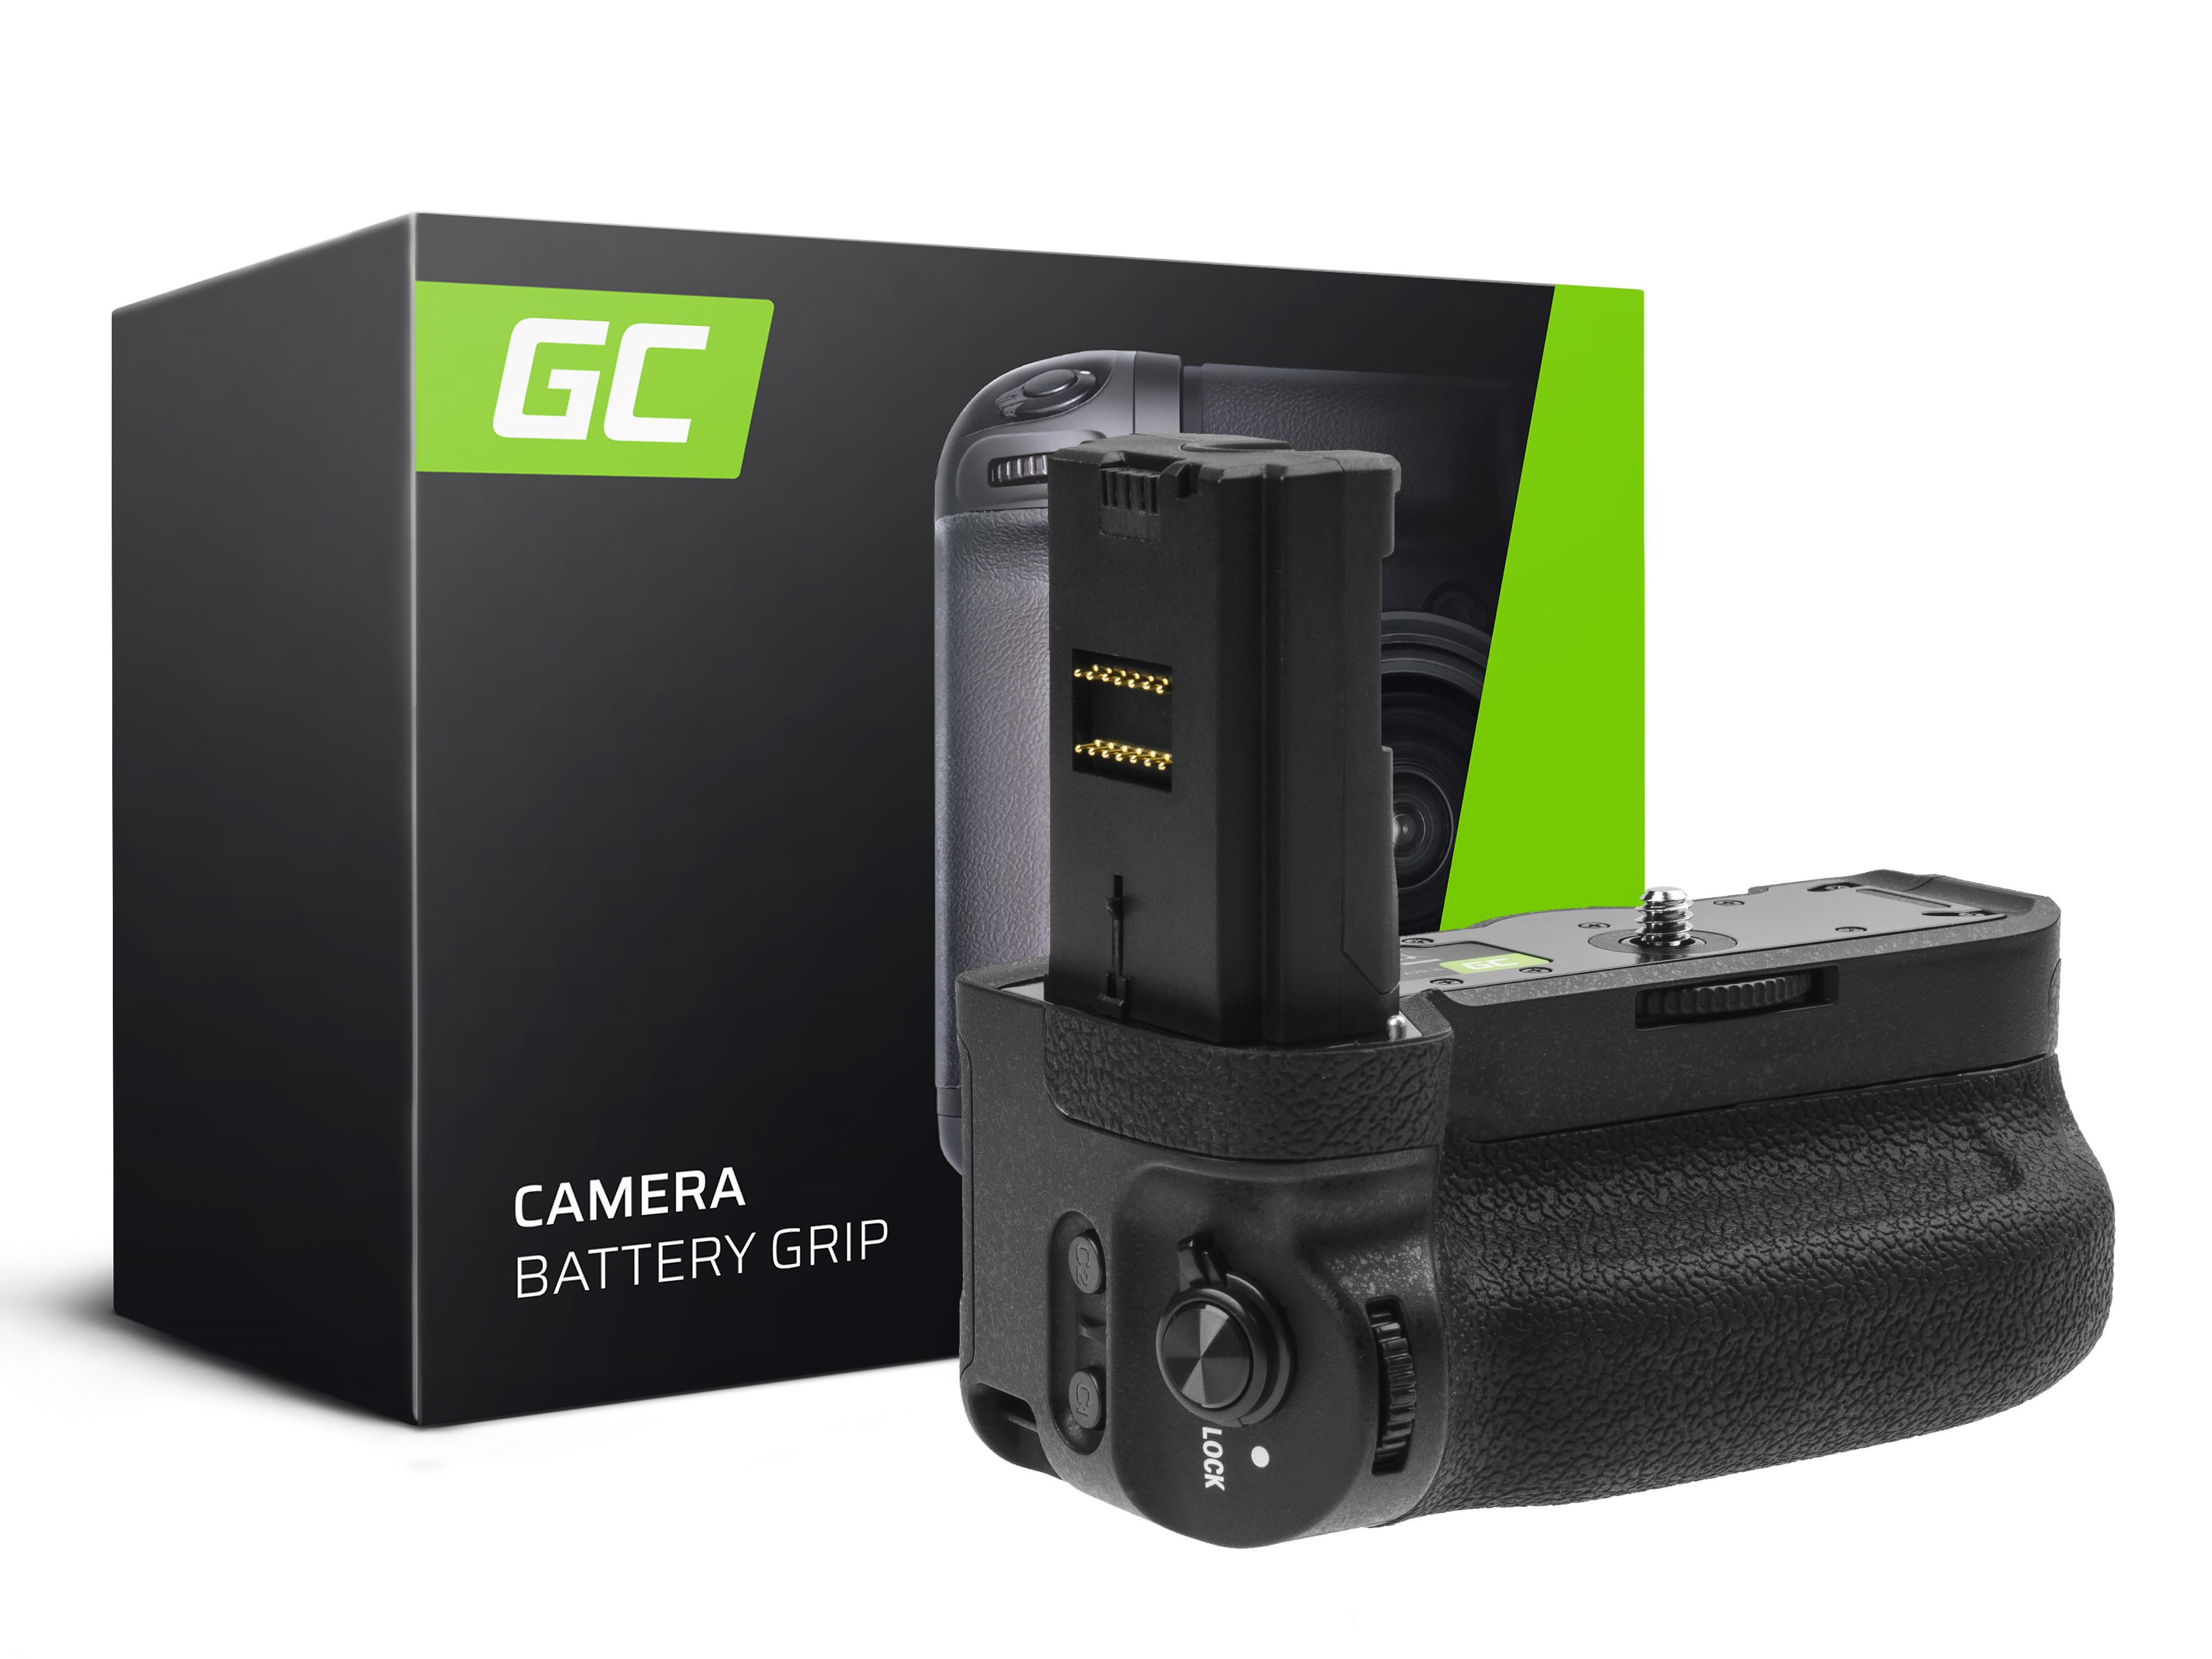 Grip Green Cell VG-C3EM for camera Sony α9 A9 α7 III A7 III α7R III A7R III